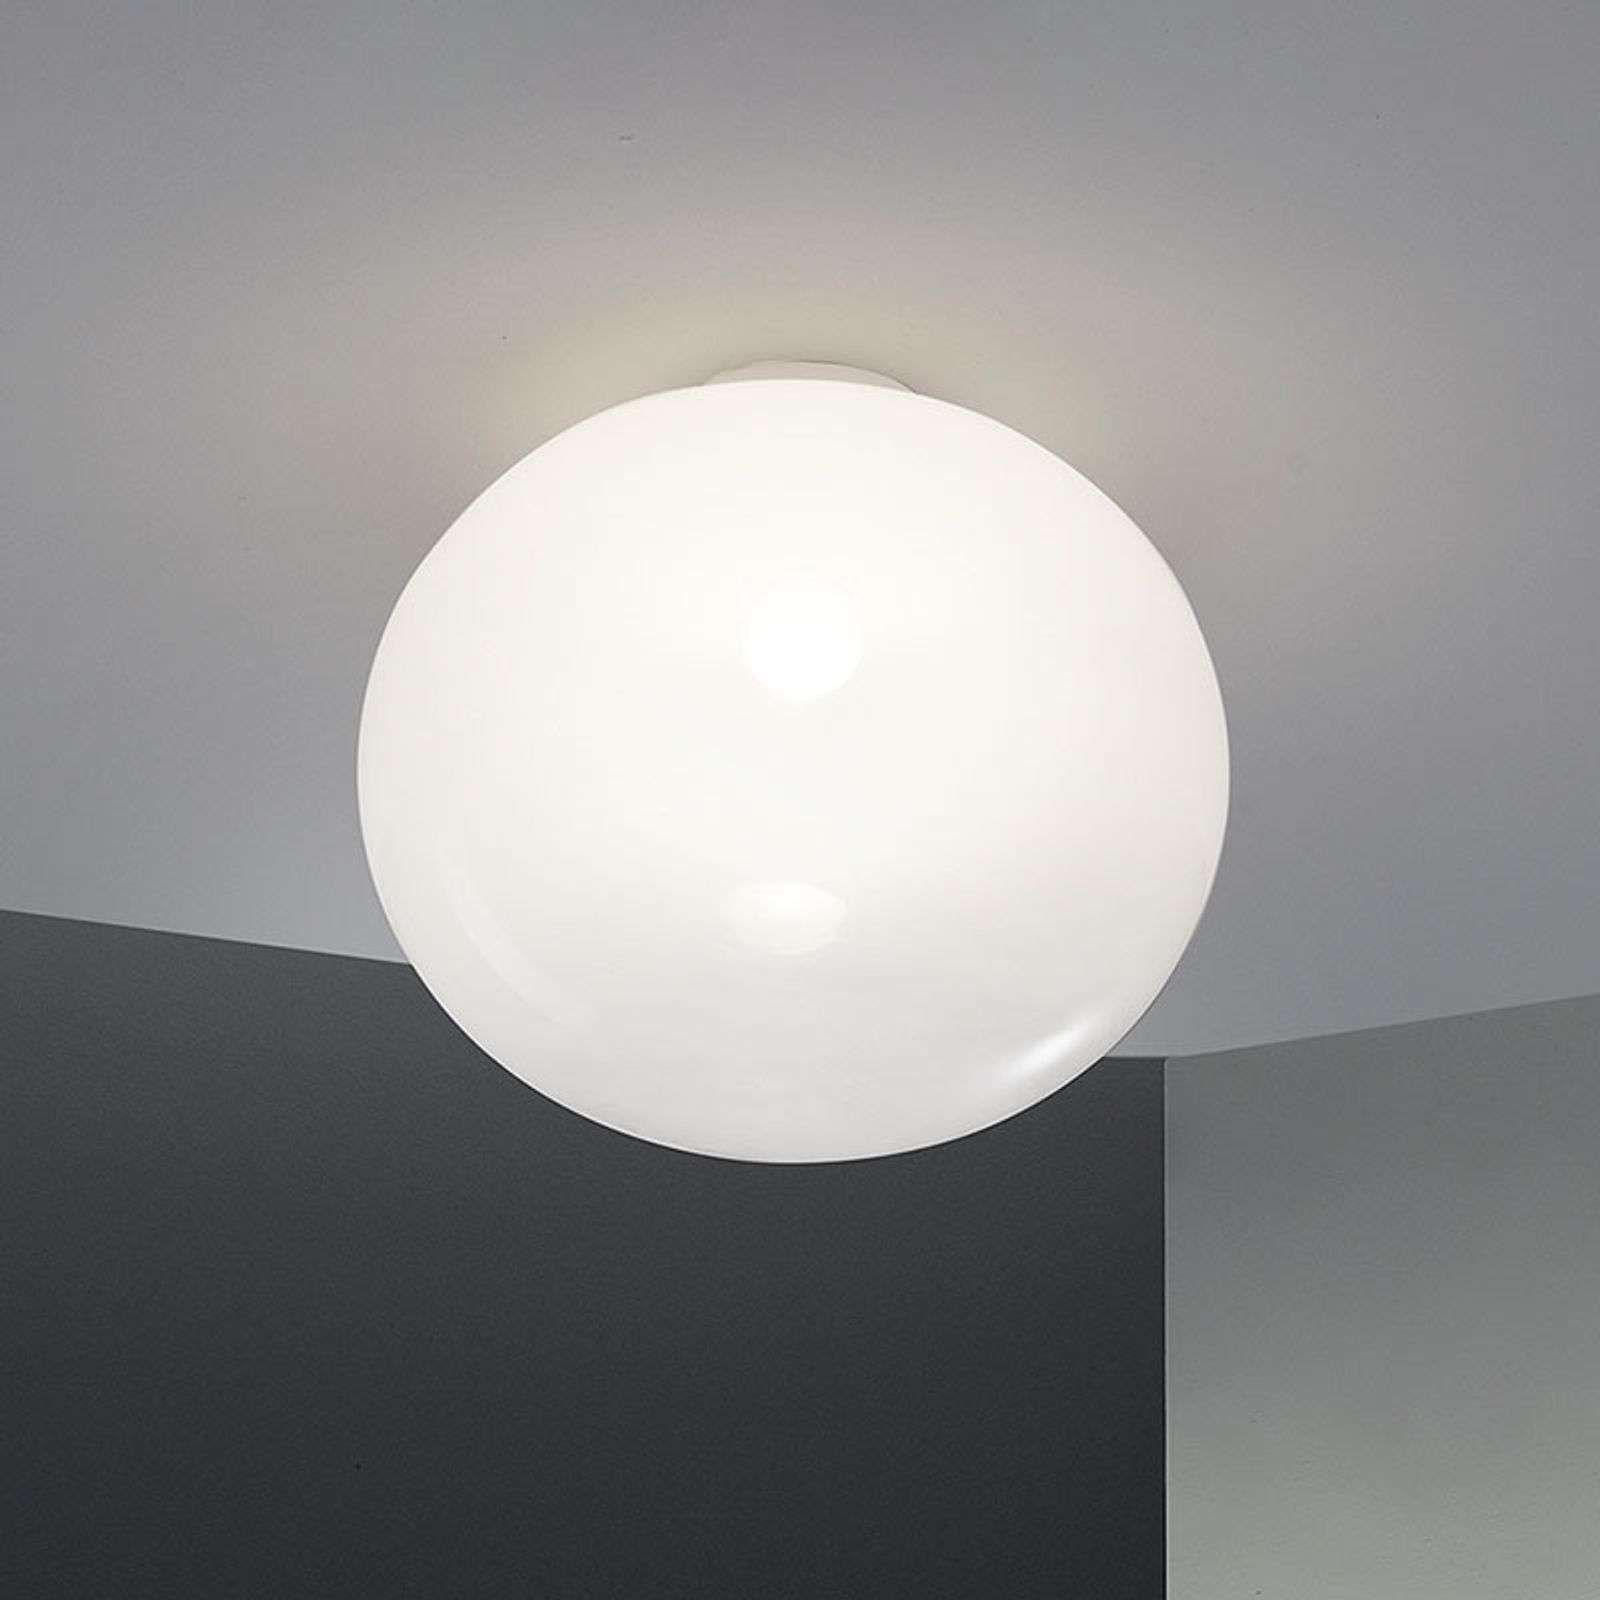 Plafonnier Aria en forme de sphère comprimée 33 cm de ...